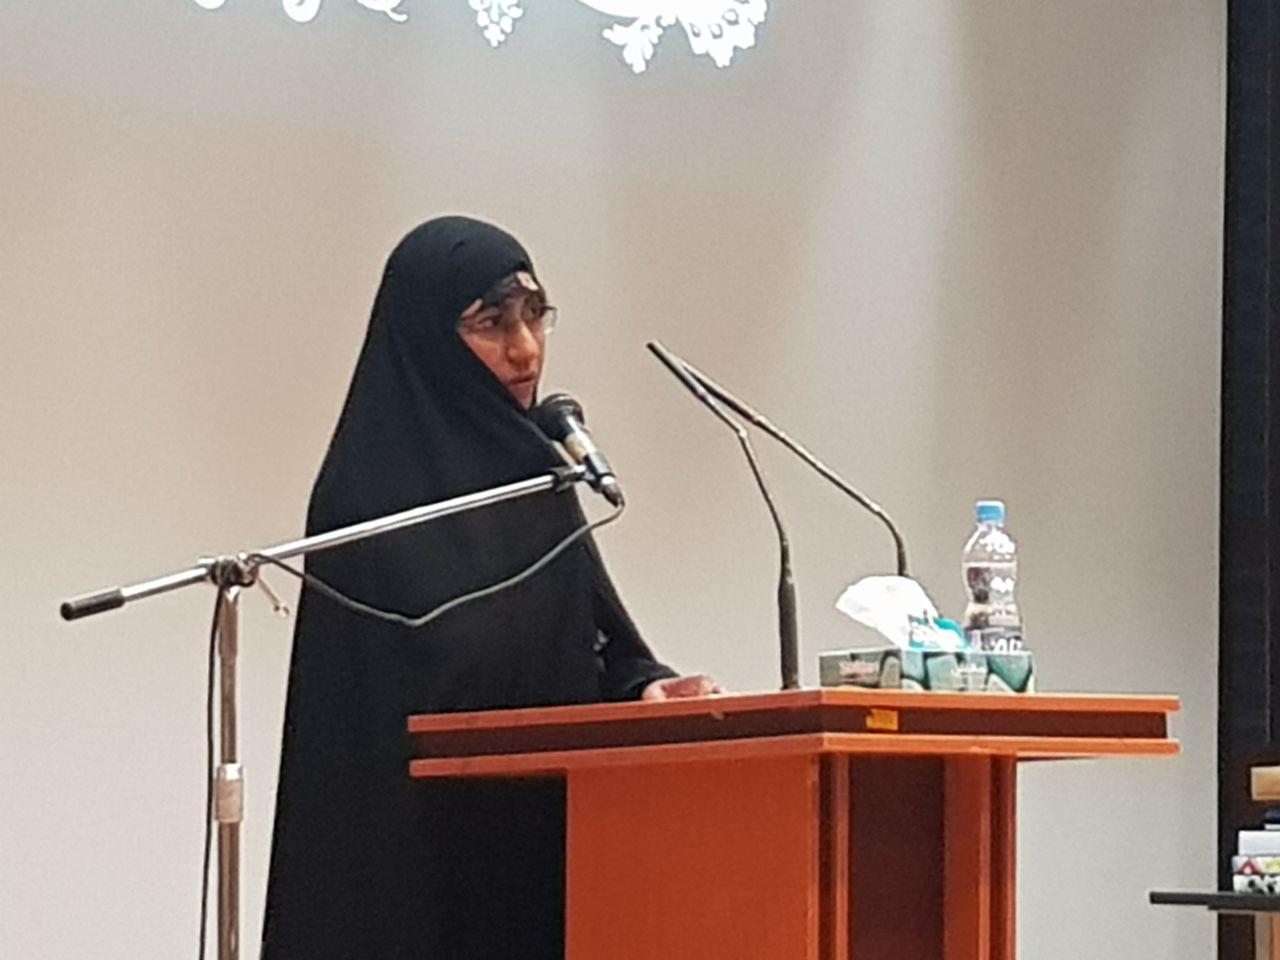 اعظم جوشایی به عنوان رئیس جدید اداره فرهنگ و ارشاد اسلامی شهرستان بم معرفی شد.